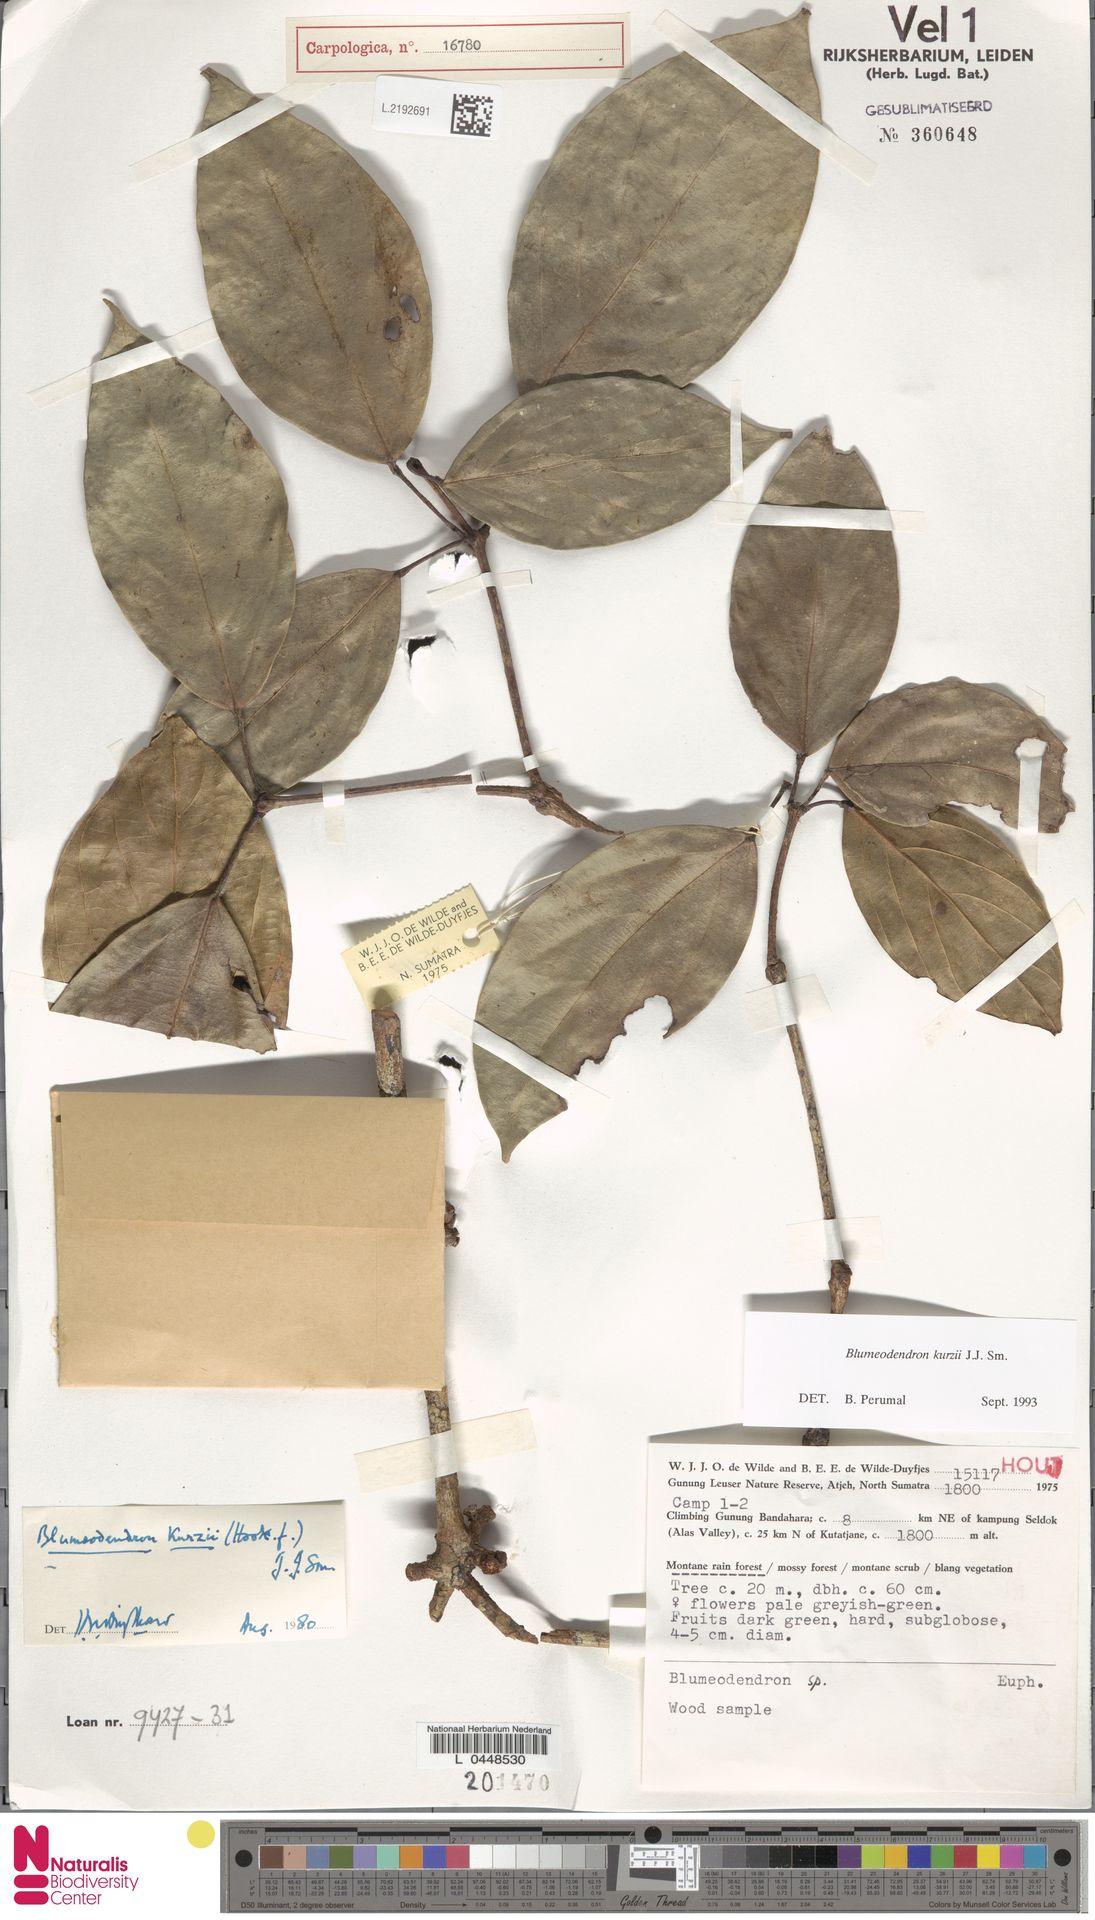 L.2192691 | Blumeodendron kurzii (Hook.f.) J.J.Sm.